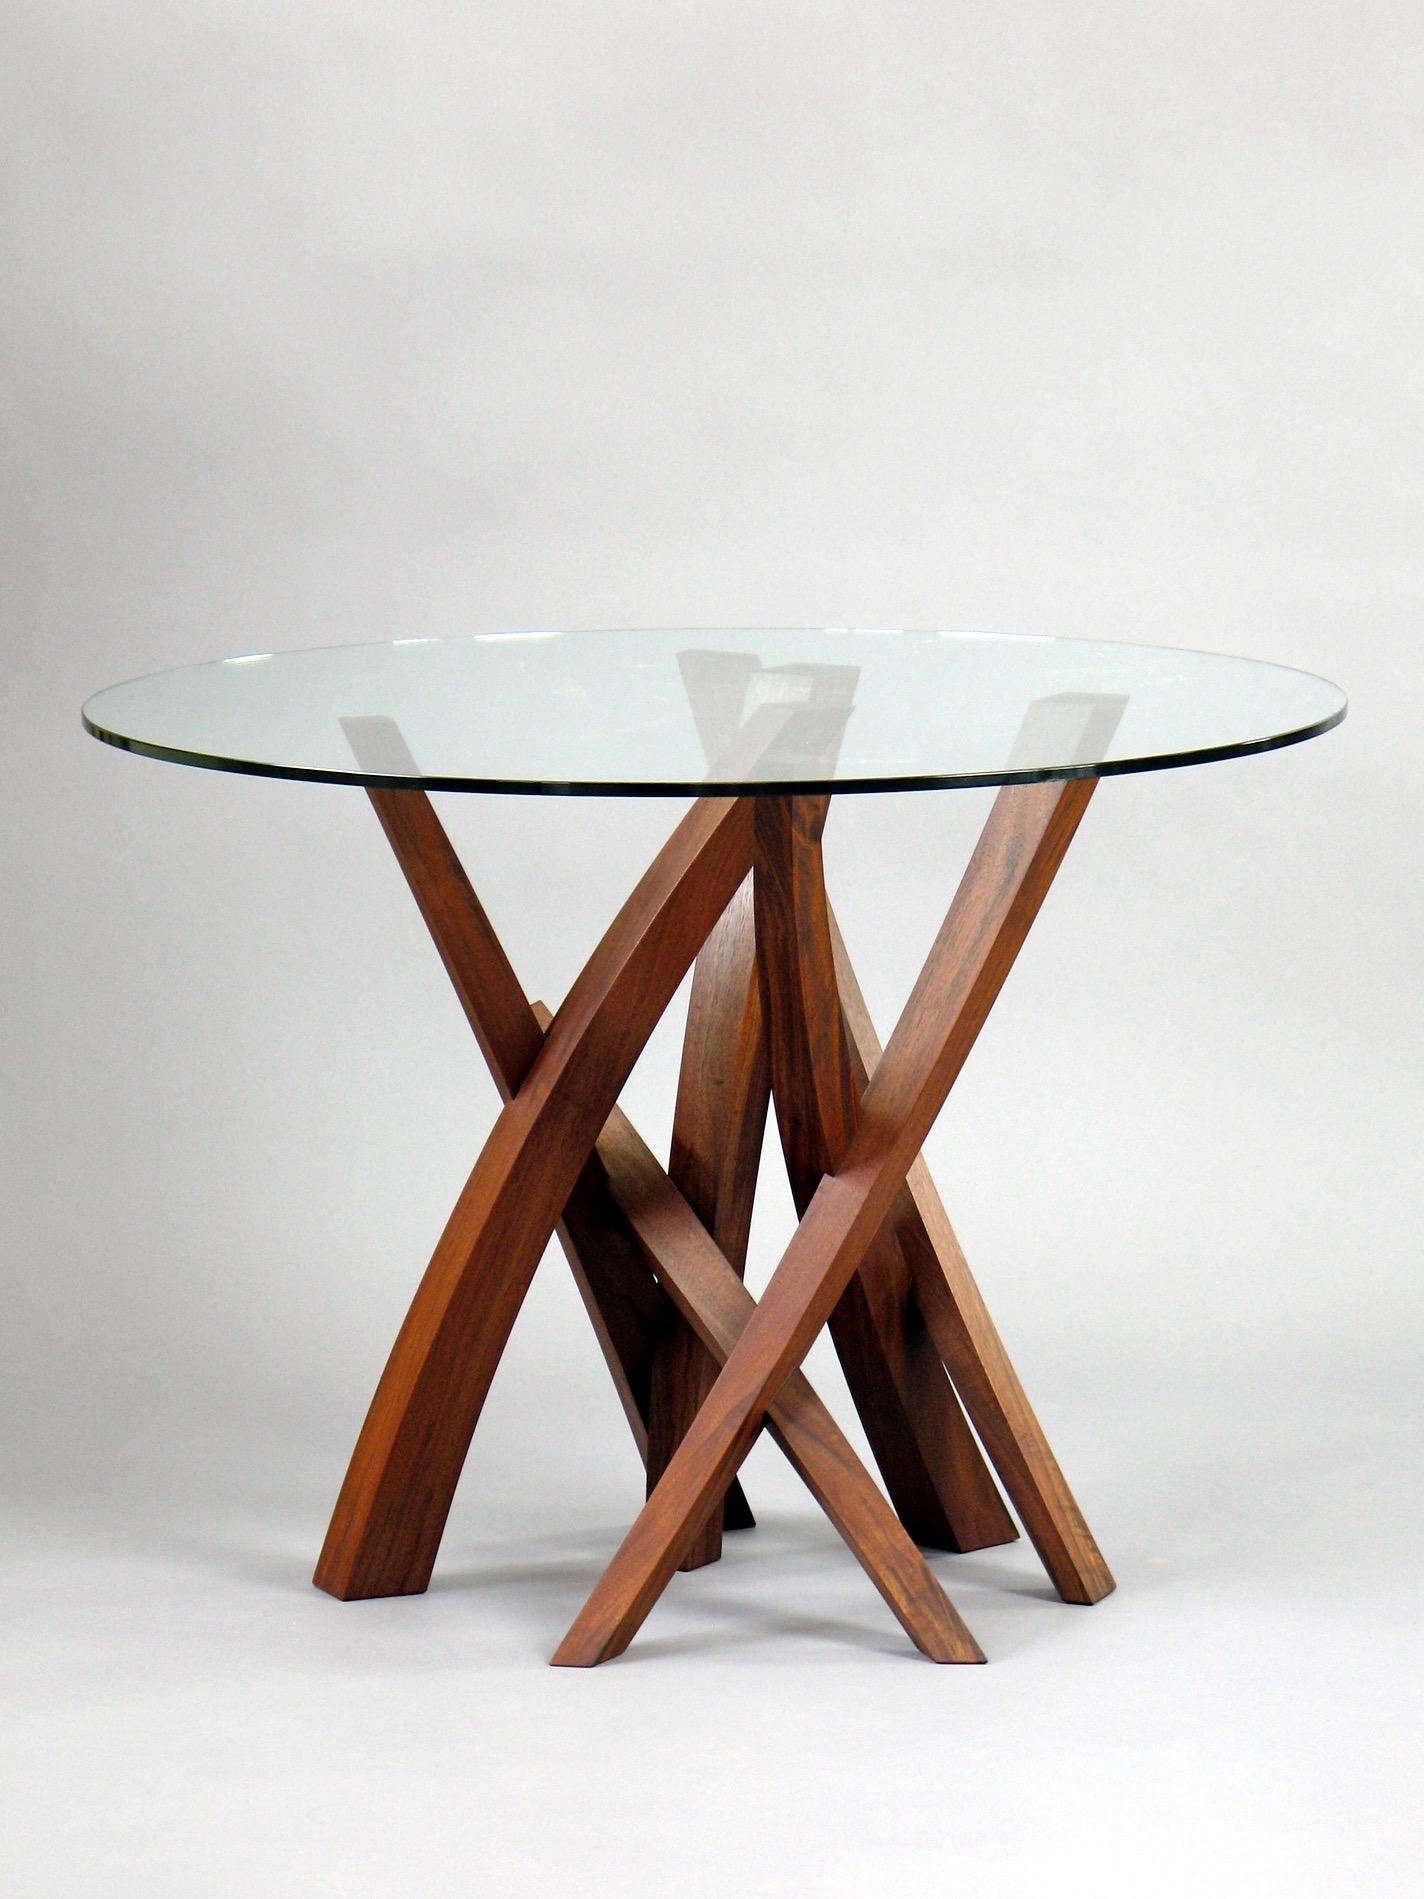 Phillips table final print.jpg